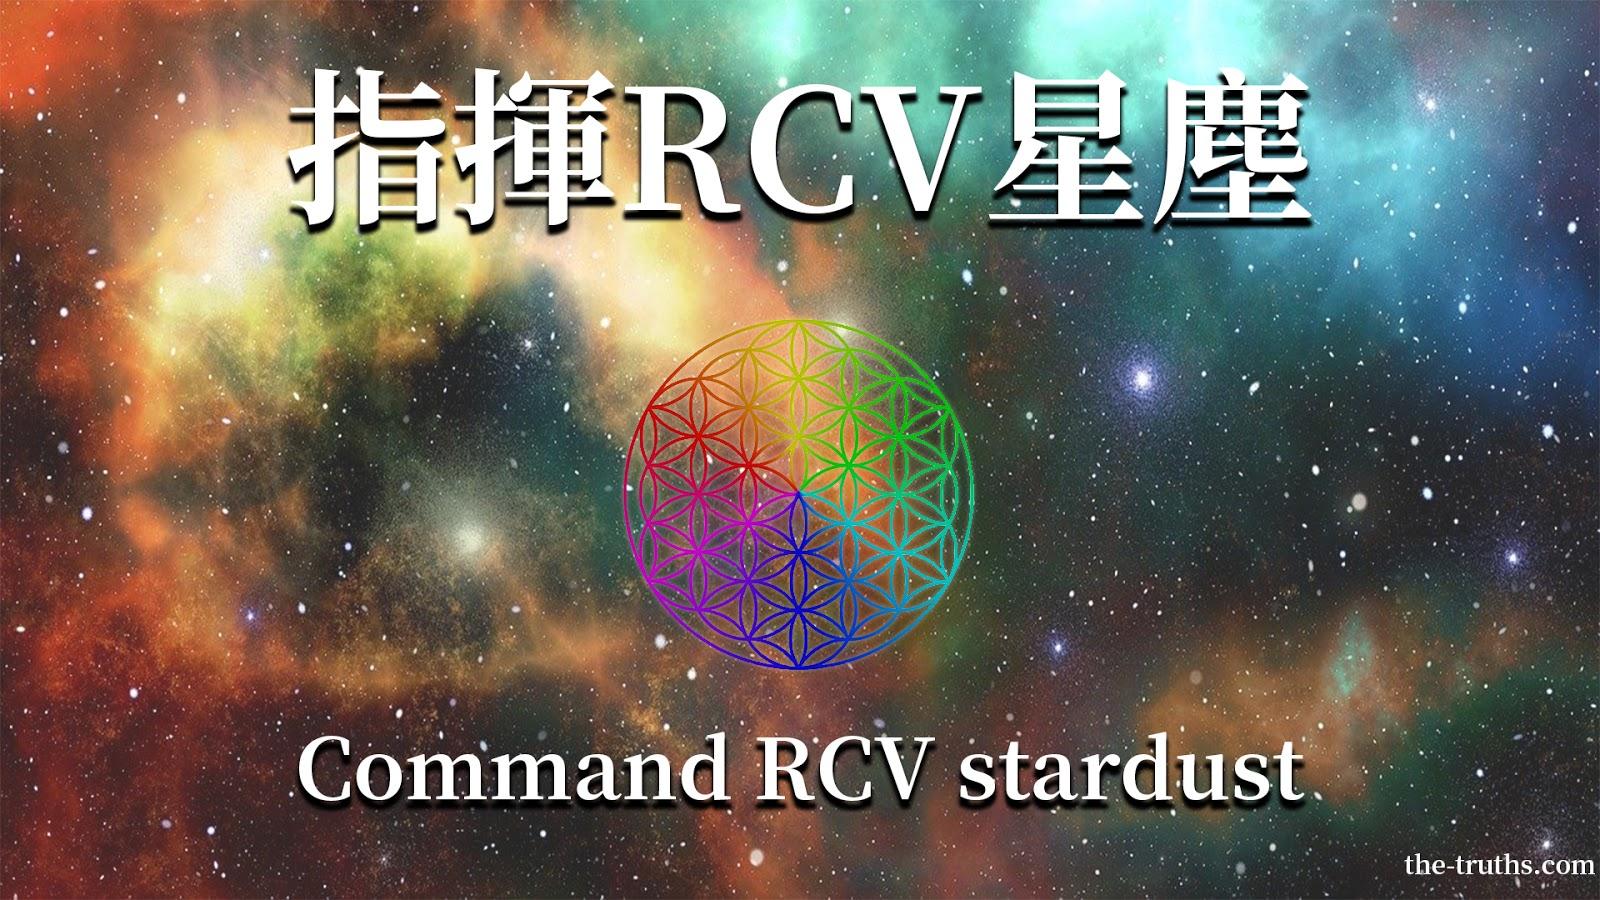 https://1.bp.blogspot.com/-teYStSlpFd0/XnCNz-sABwI/AAAAAAAAIkc/LVVYc-i4zB0M-YIFIdxO1bz2KGReJ9kzwCNcBGAsYHQ/s1600/Command%2BRCV%2Bstardust.jpg